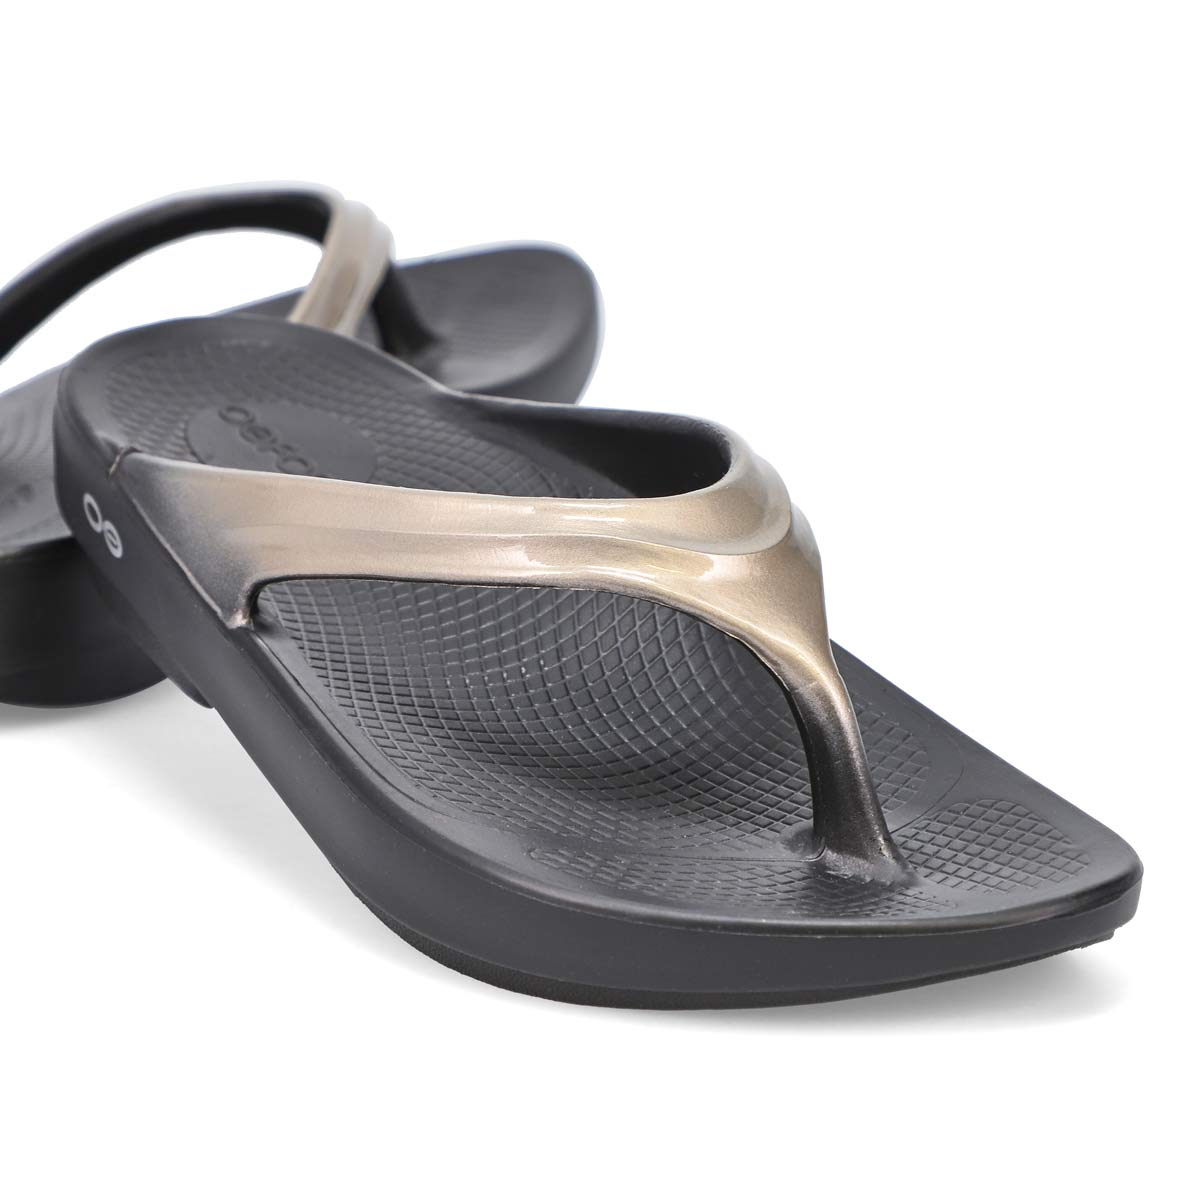 Women's Oolala Luxe Sandal - Black/Latte